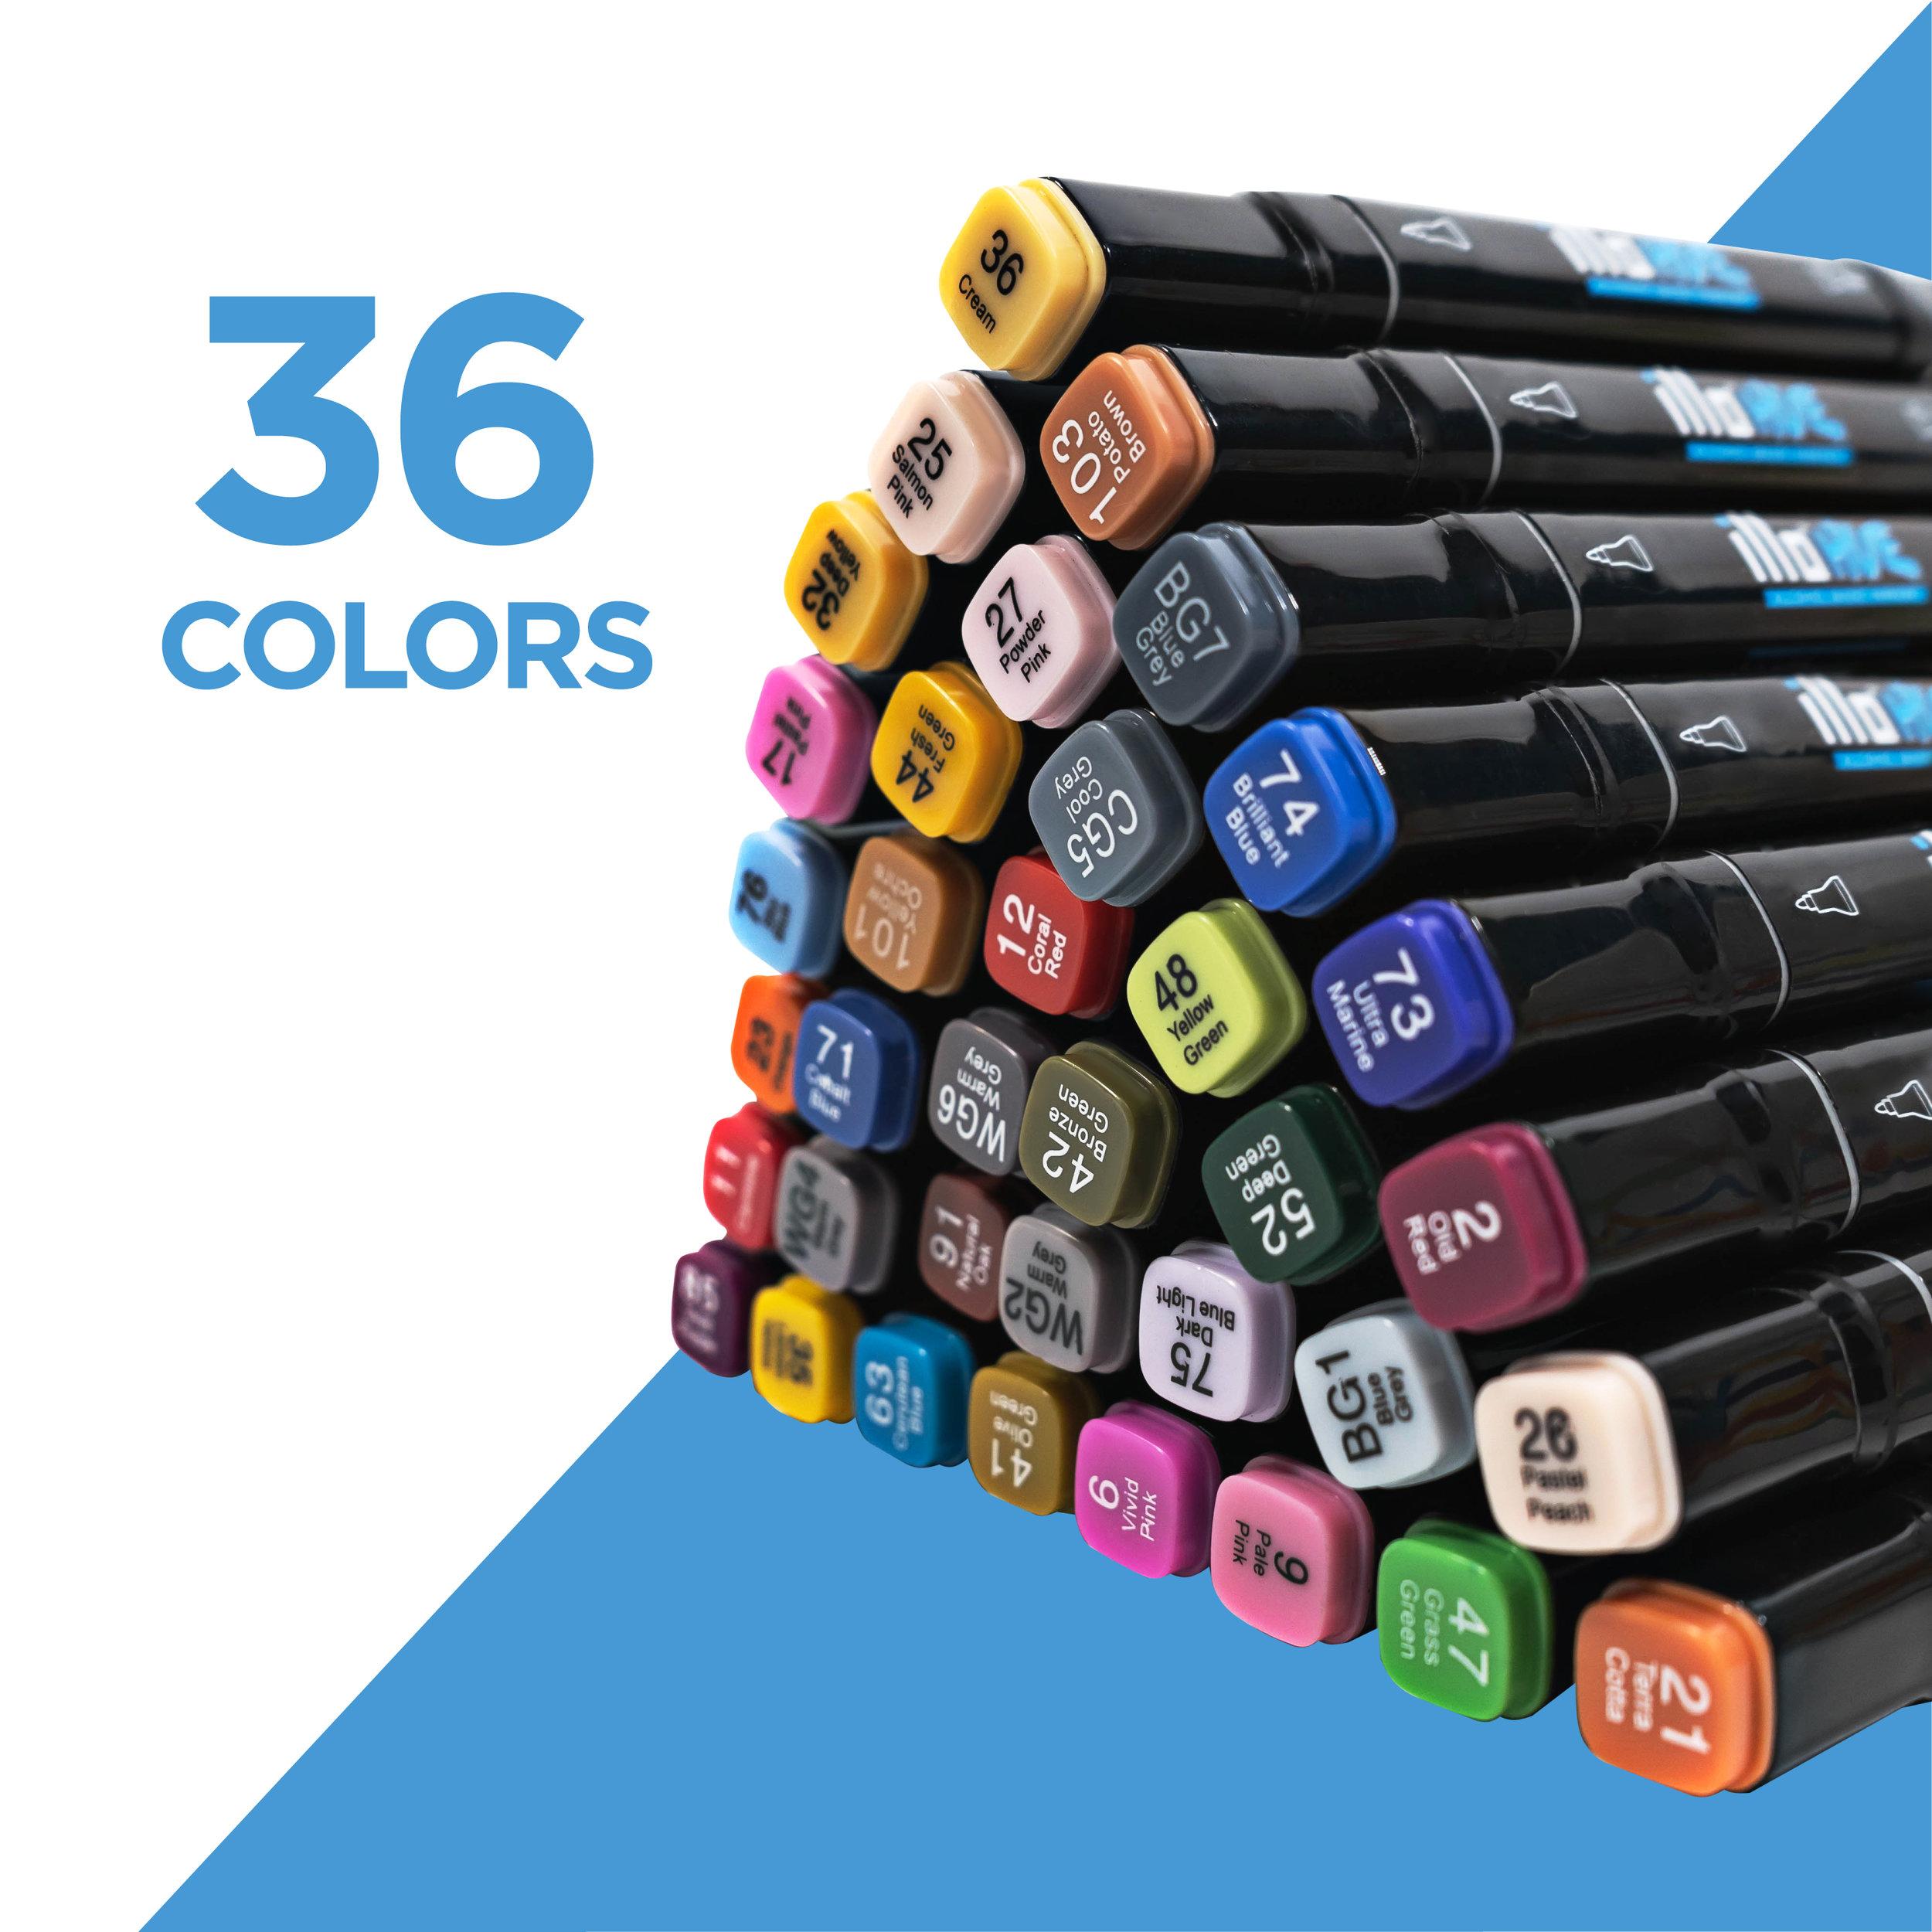 36-Colors.jpg